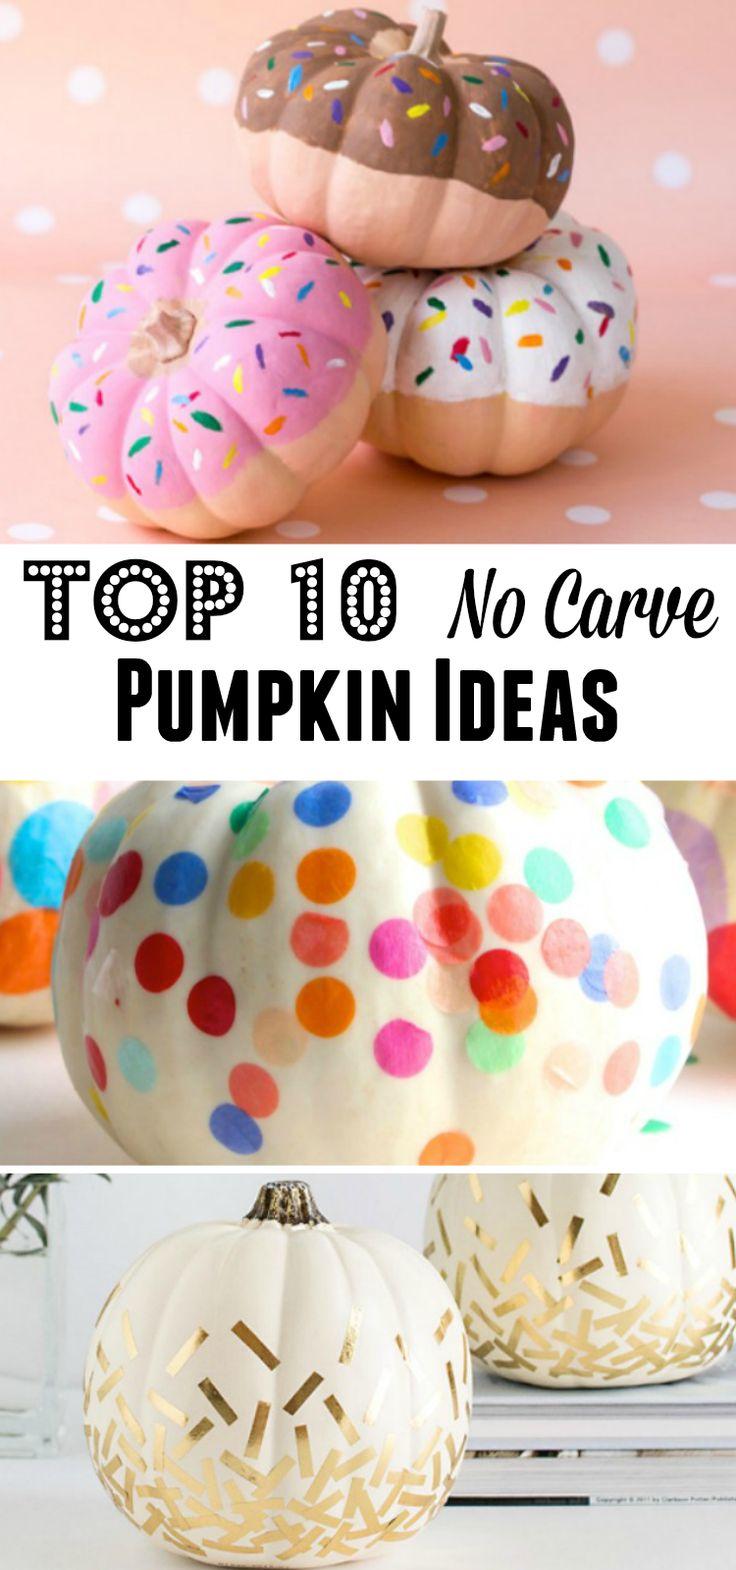 25+ best Pumpkin decorating ideas on Pinterest | Pumpkin ideas ...